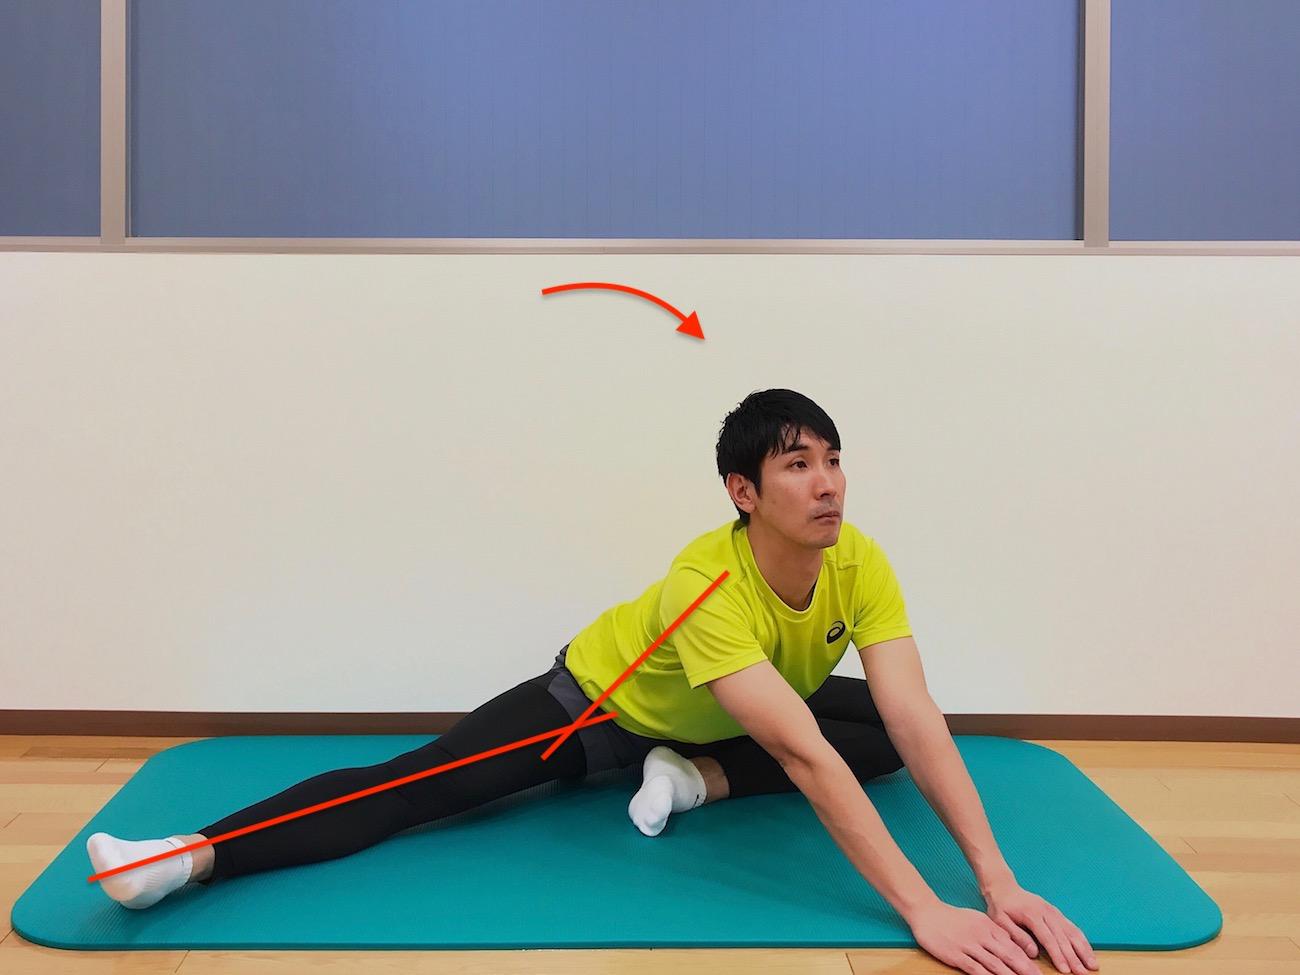 内ももの筋肉(内転筋)のストレッチの方法